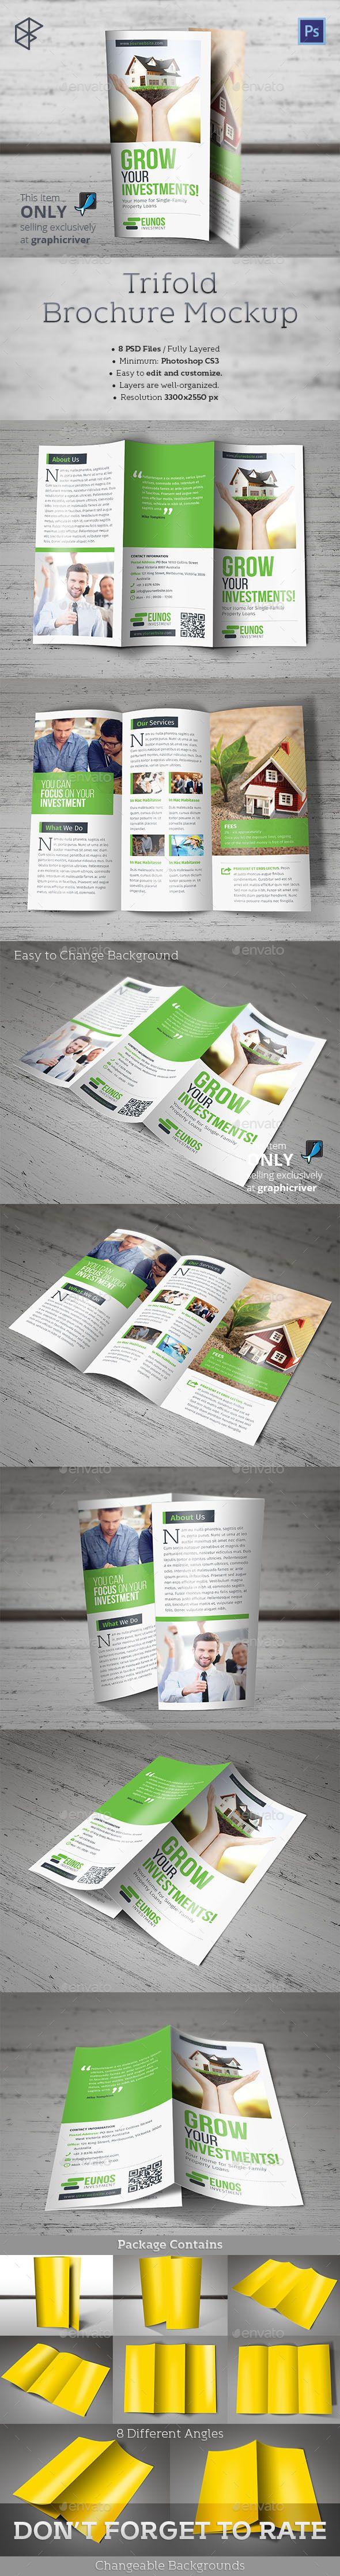 Trifold Brochure Mockup #design Download: http://graphicriver.net/item/trifold-brochure-mockup/12842473?ref=ksioks